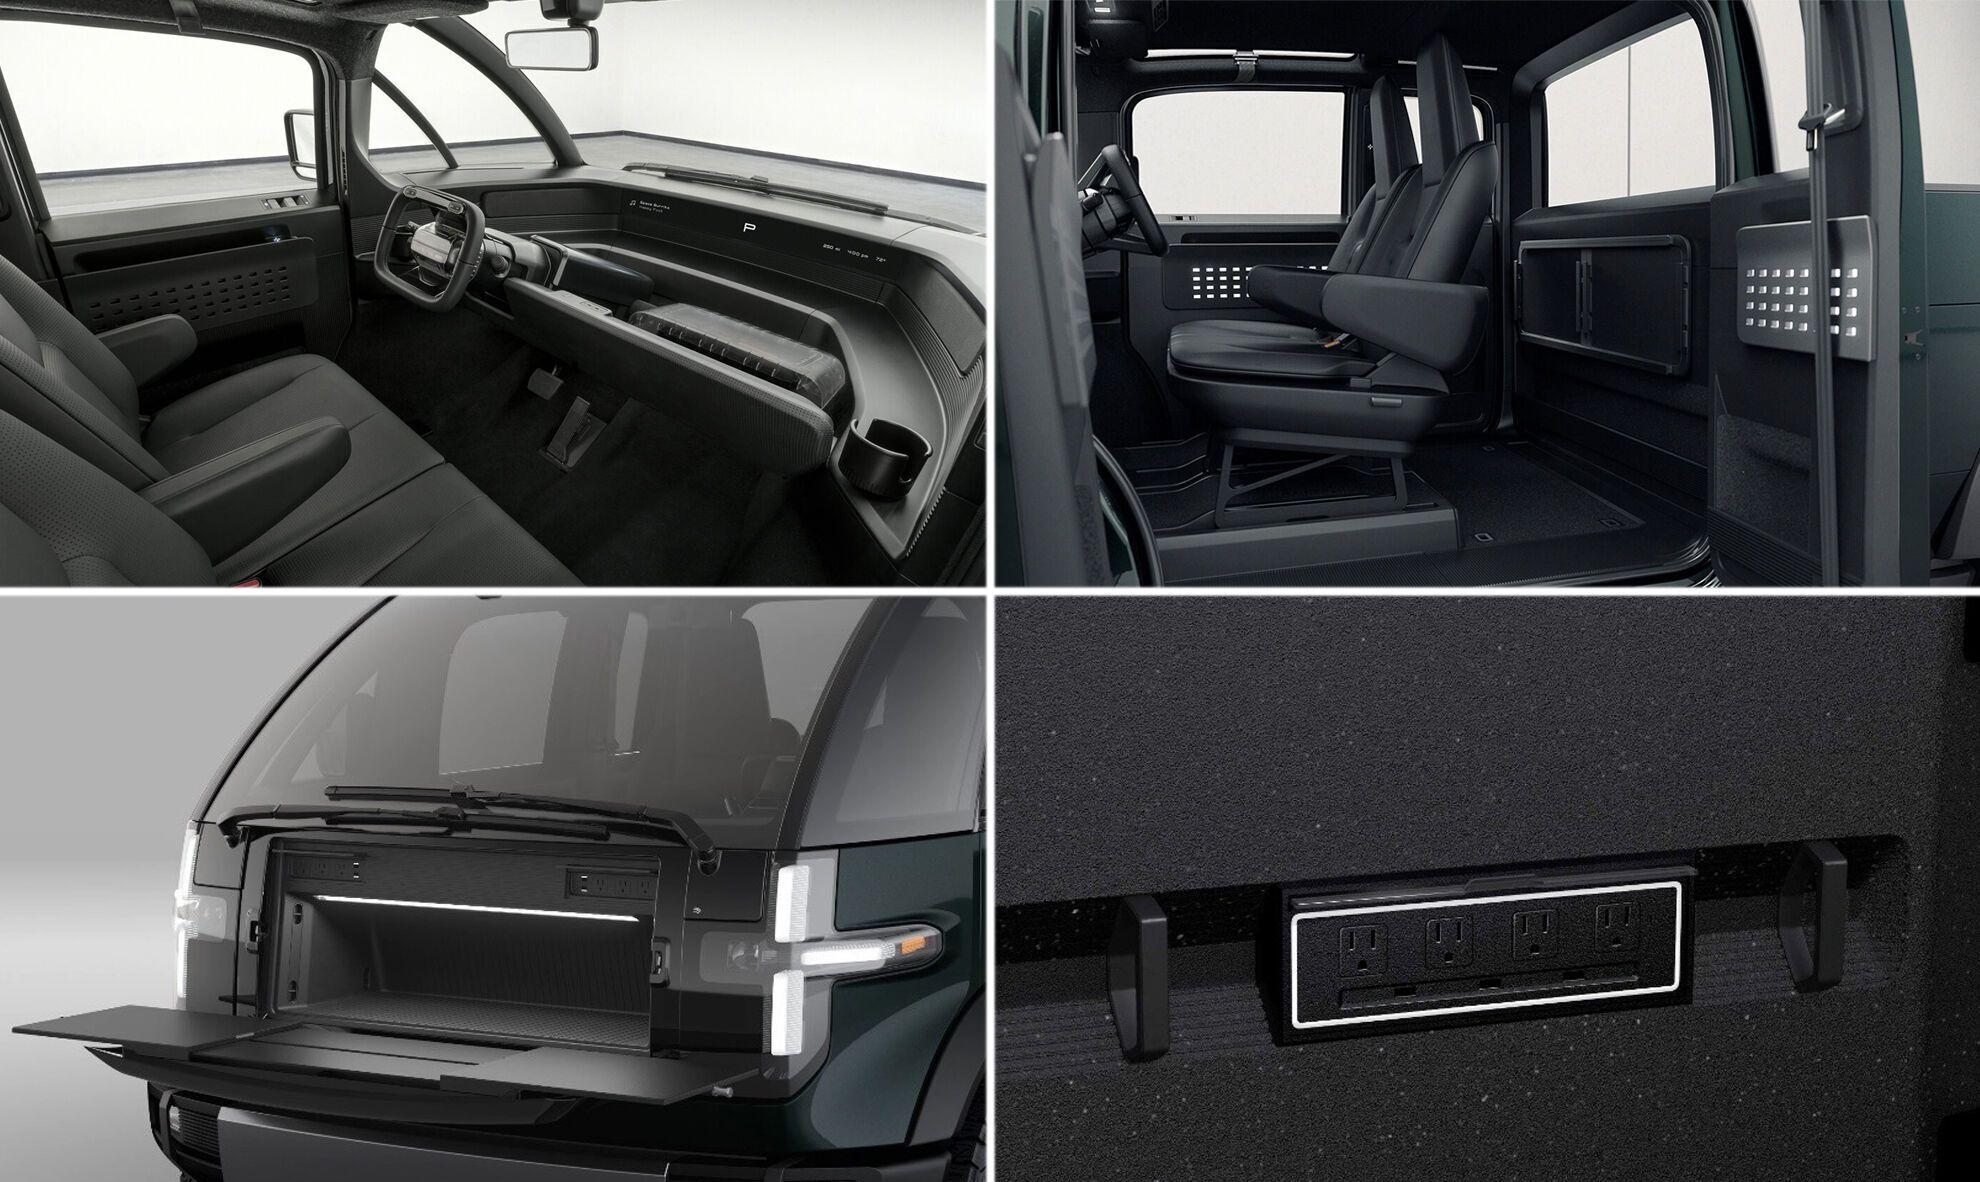 в передней части кузова оборудован багажный отсек. В его откидную крышку встроен раздвижной стол, а внутри есть 6 розеток и 4 USB-порта